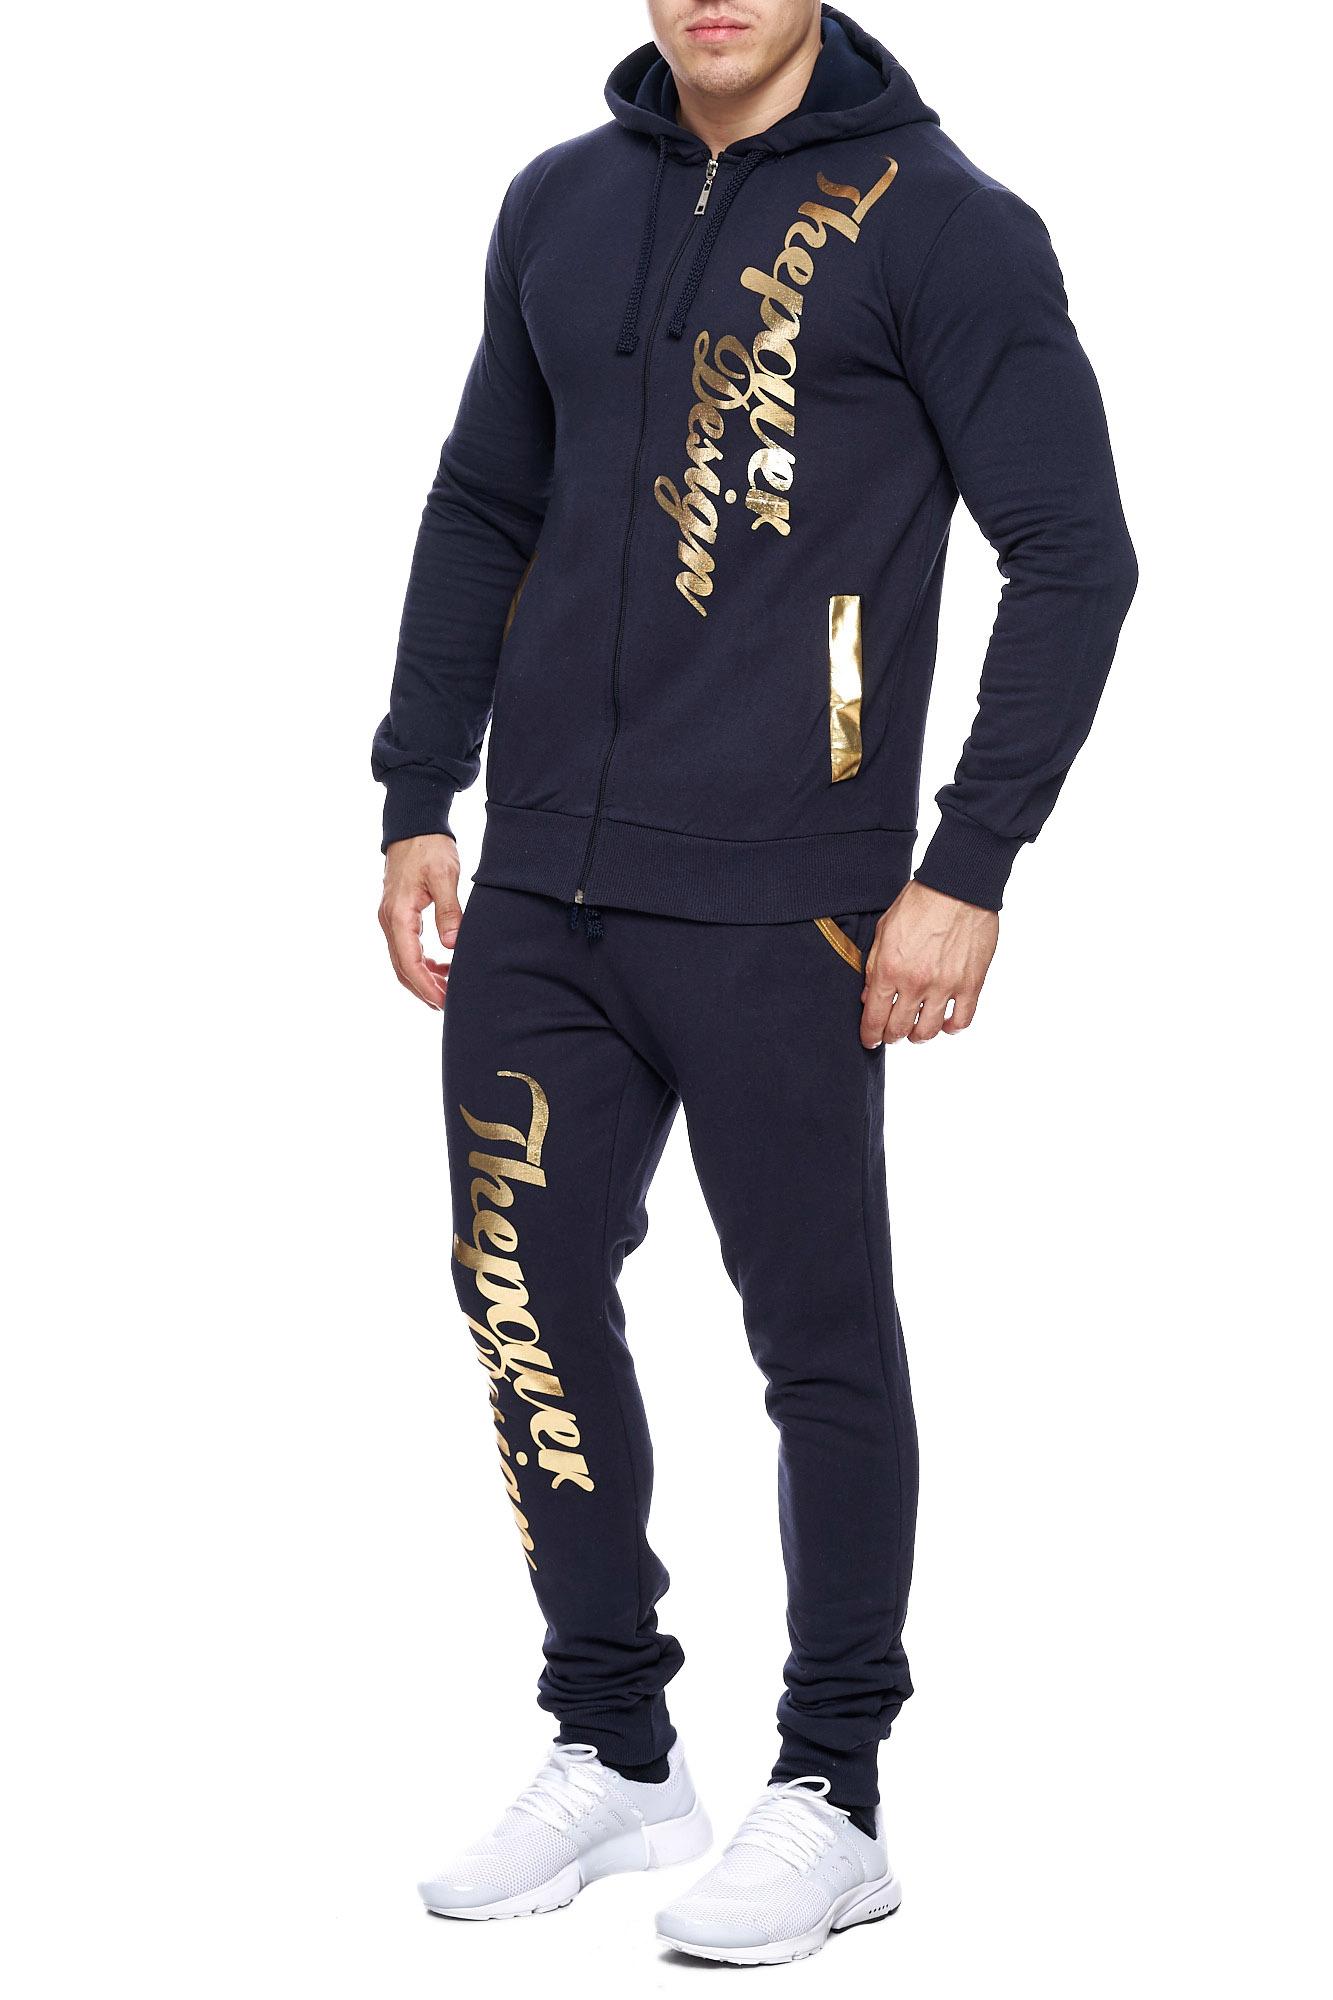 Jogging-Suit-Sports-Suit-Fitness-Power-Men-039-s-Code47 thumbnail 12